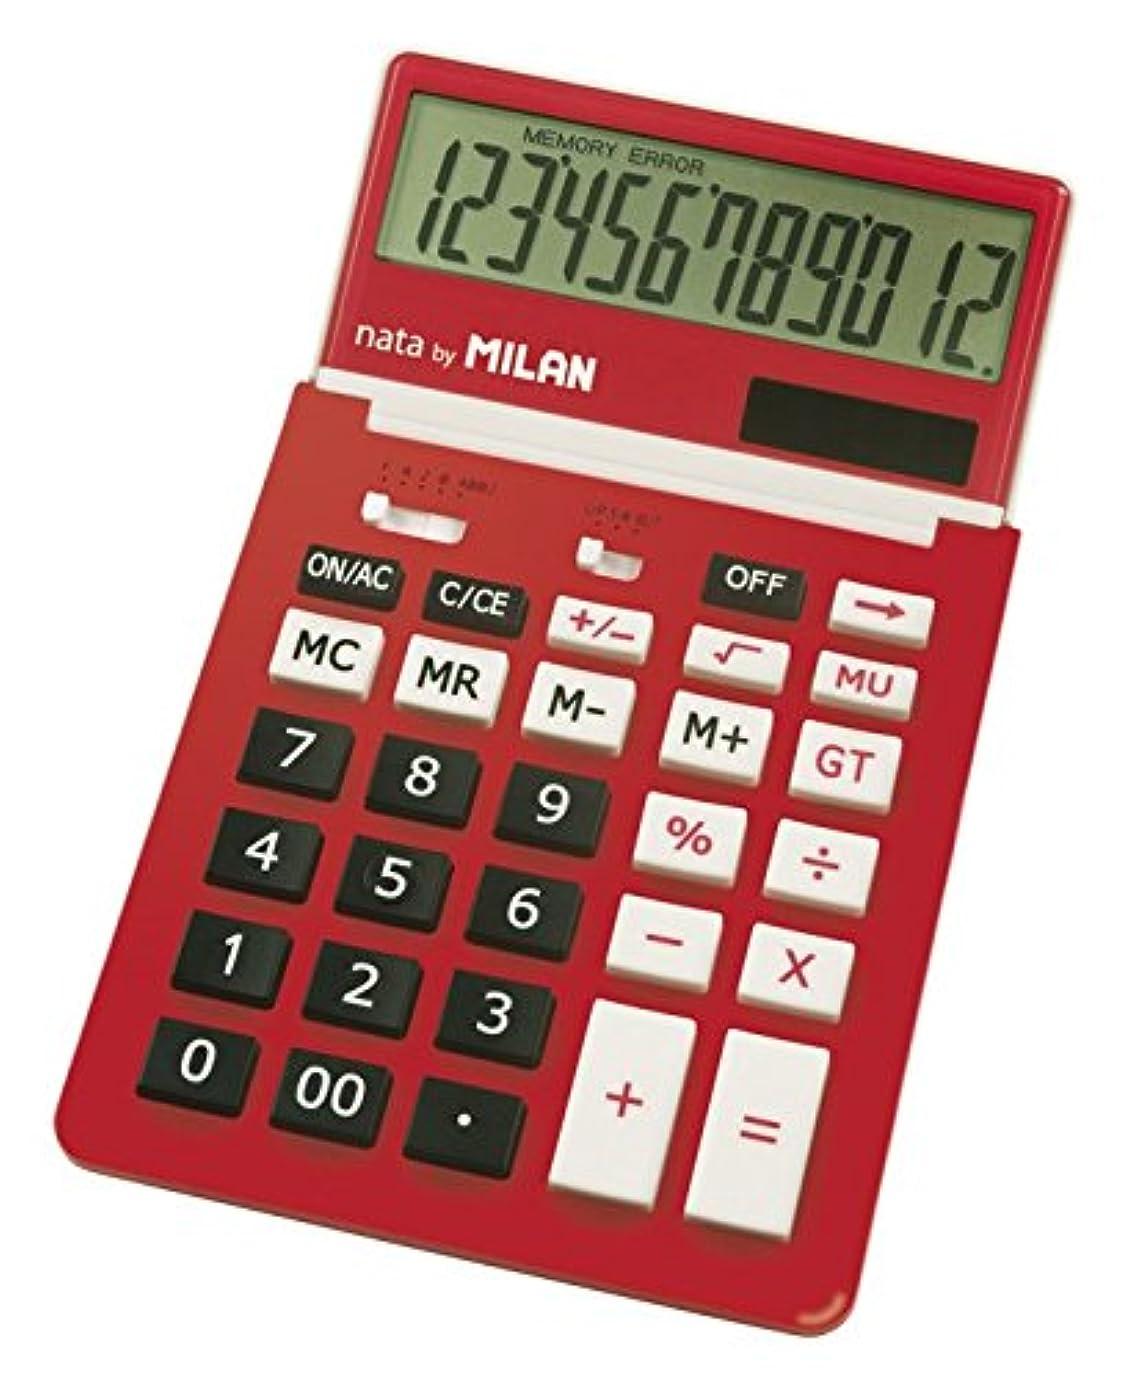 スキーム言い聞かせる保守的MILAN カリキュレーター 12桁電卓 150212 レッド